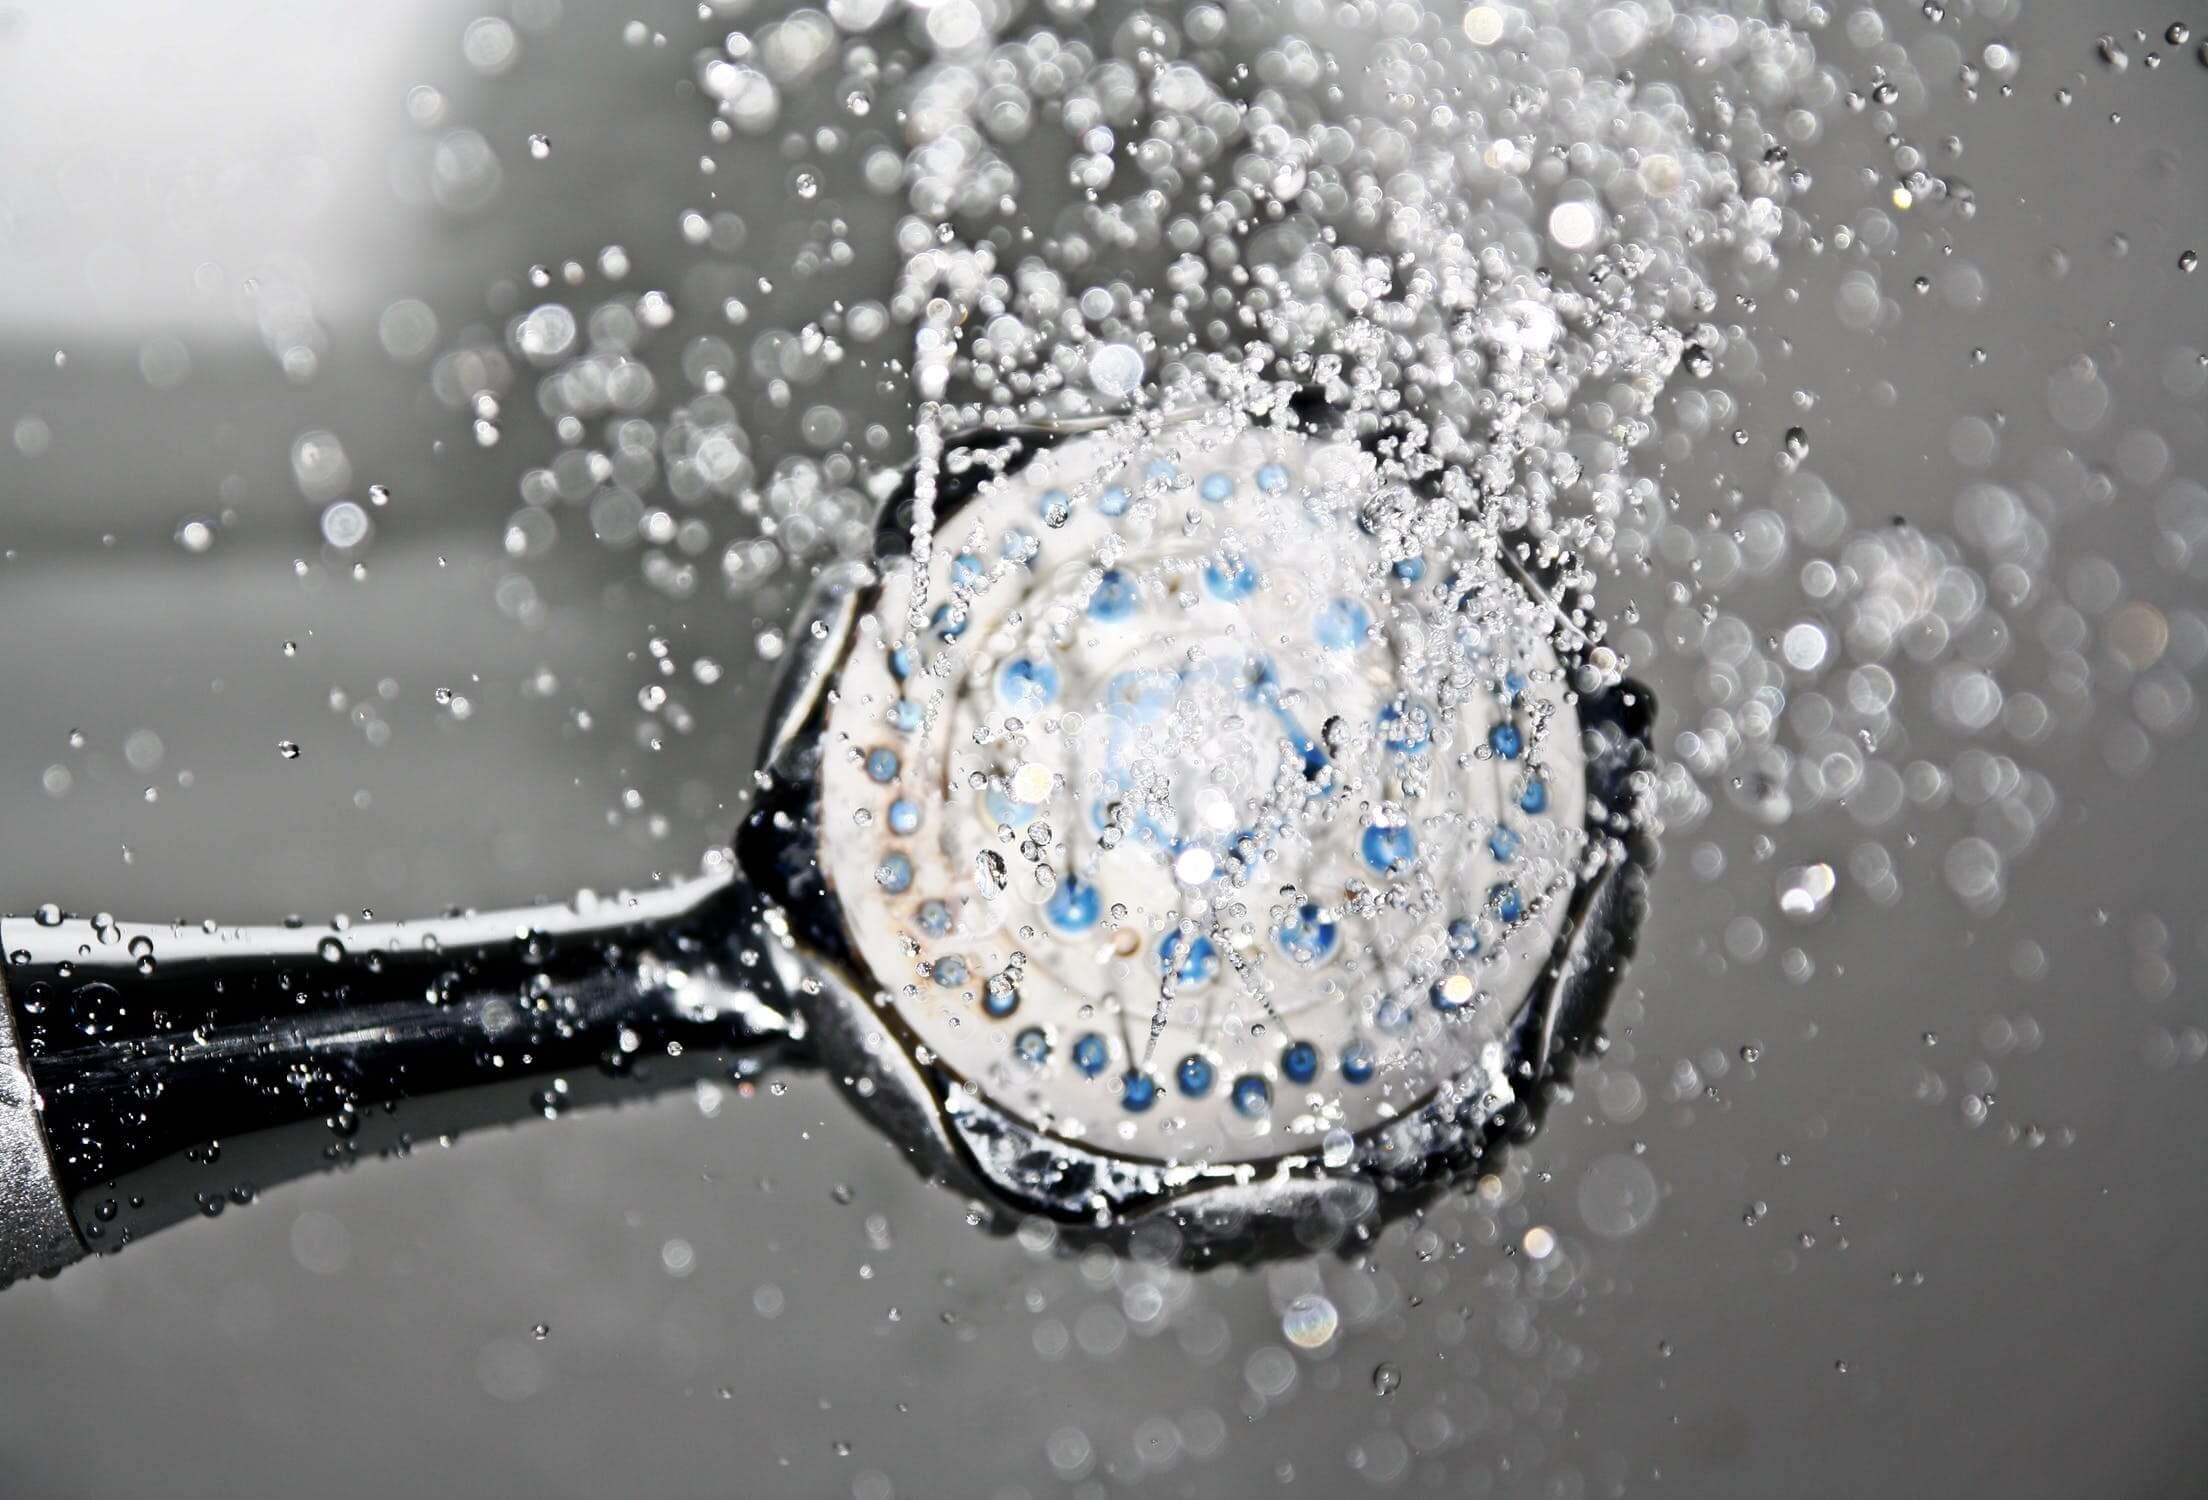 Ha illóolajokat használunk, egy kicsit beszennyezhetik a zuhanyzófülkét.